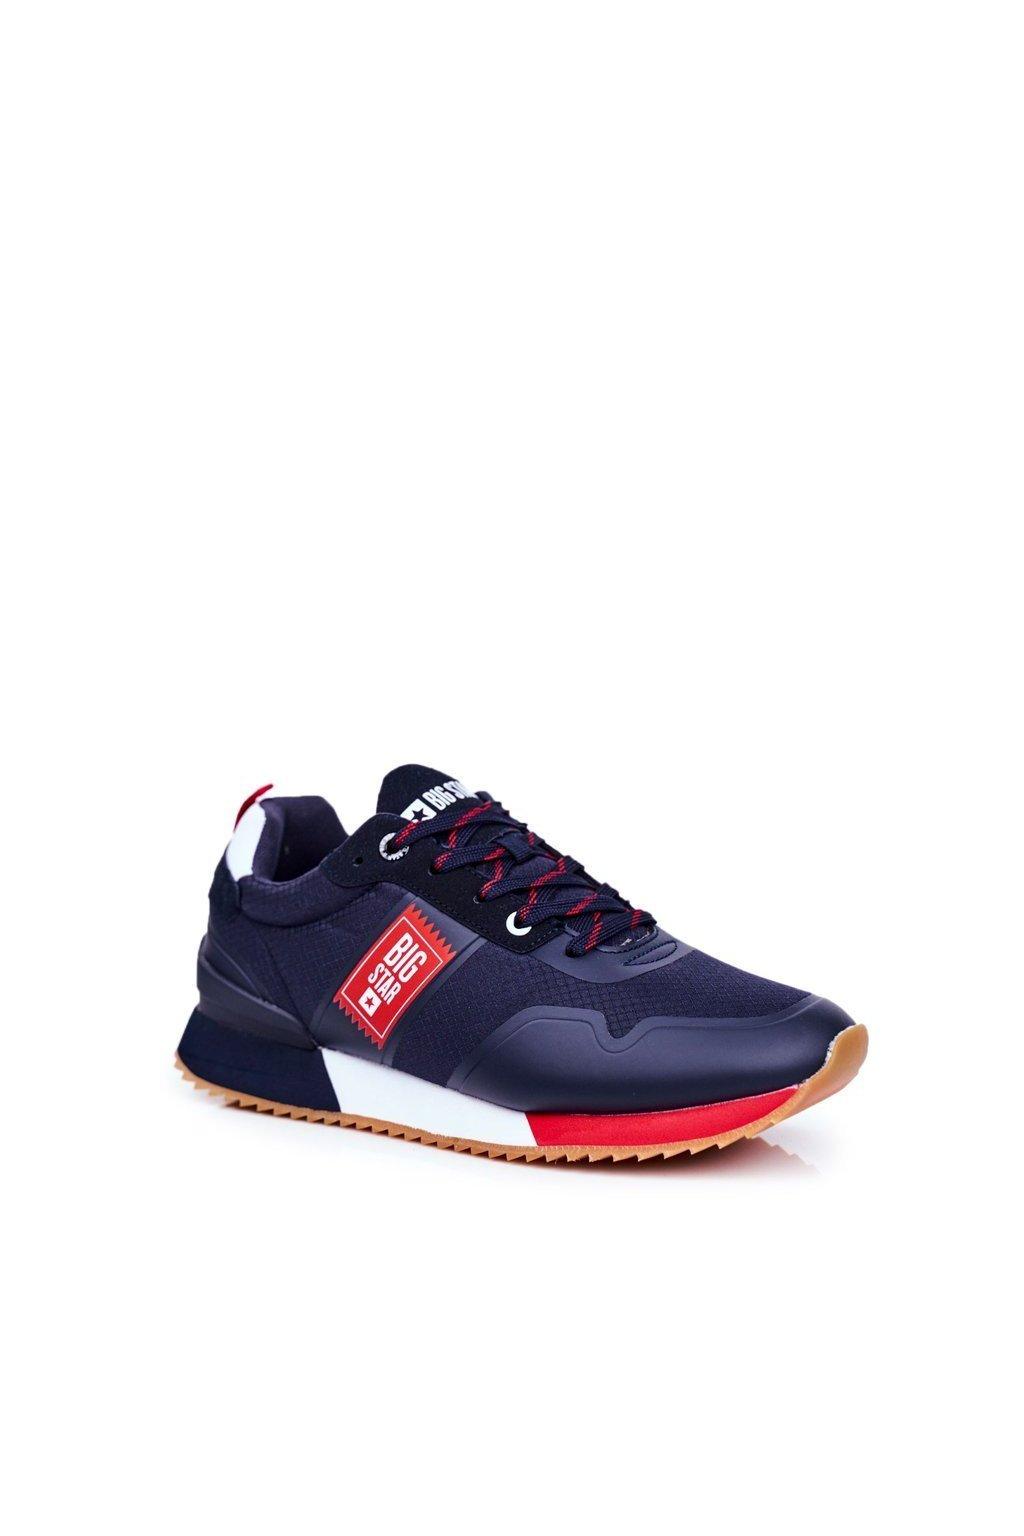 Modrá obuv kód topánok GG174182 NAVY